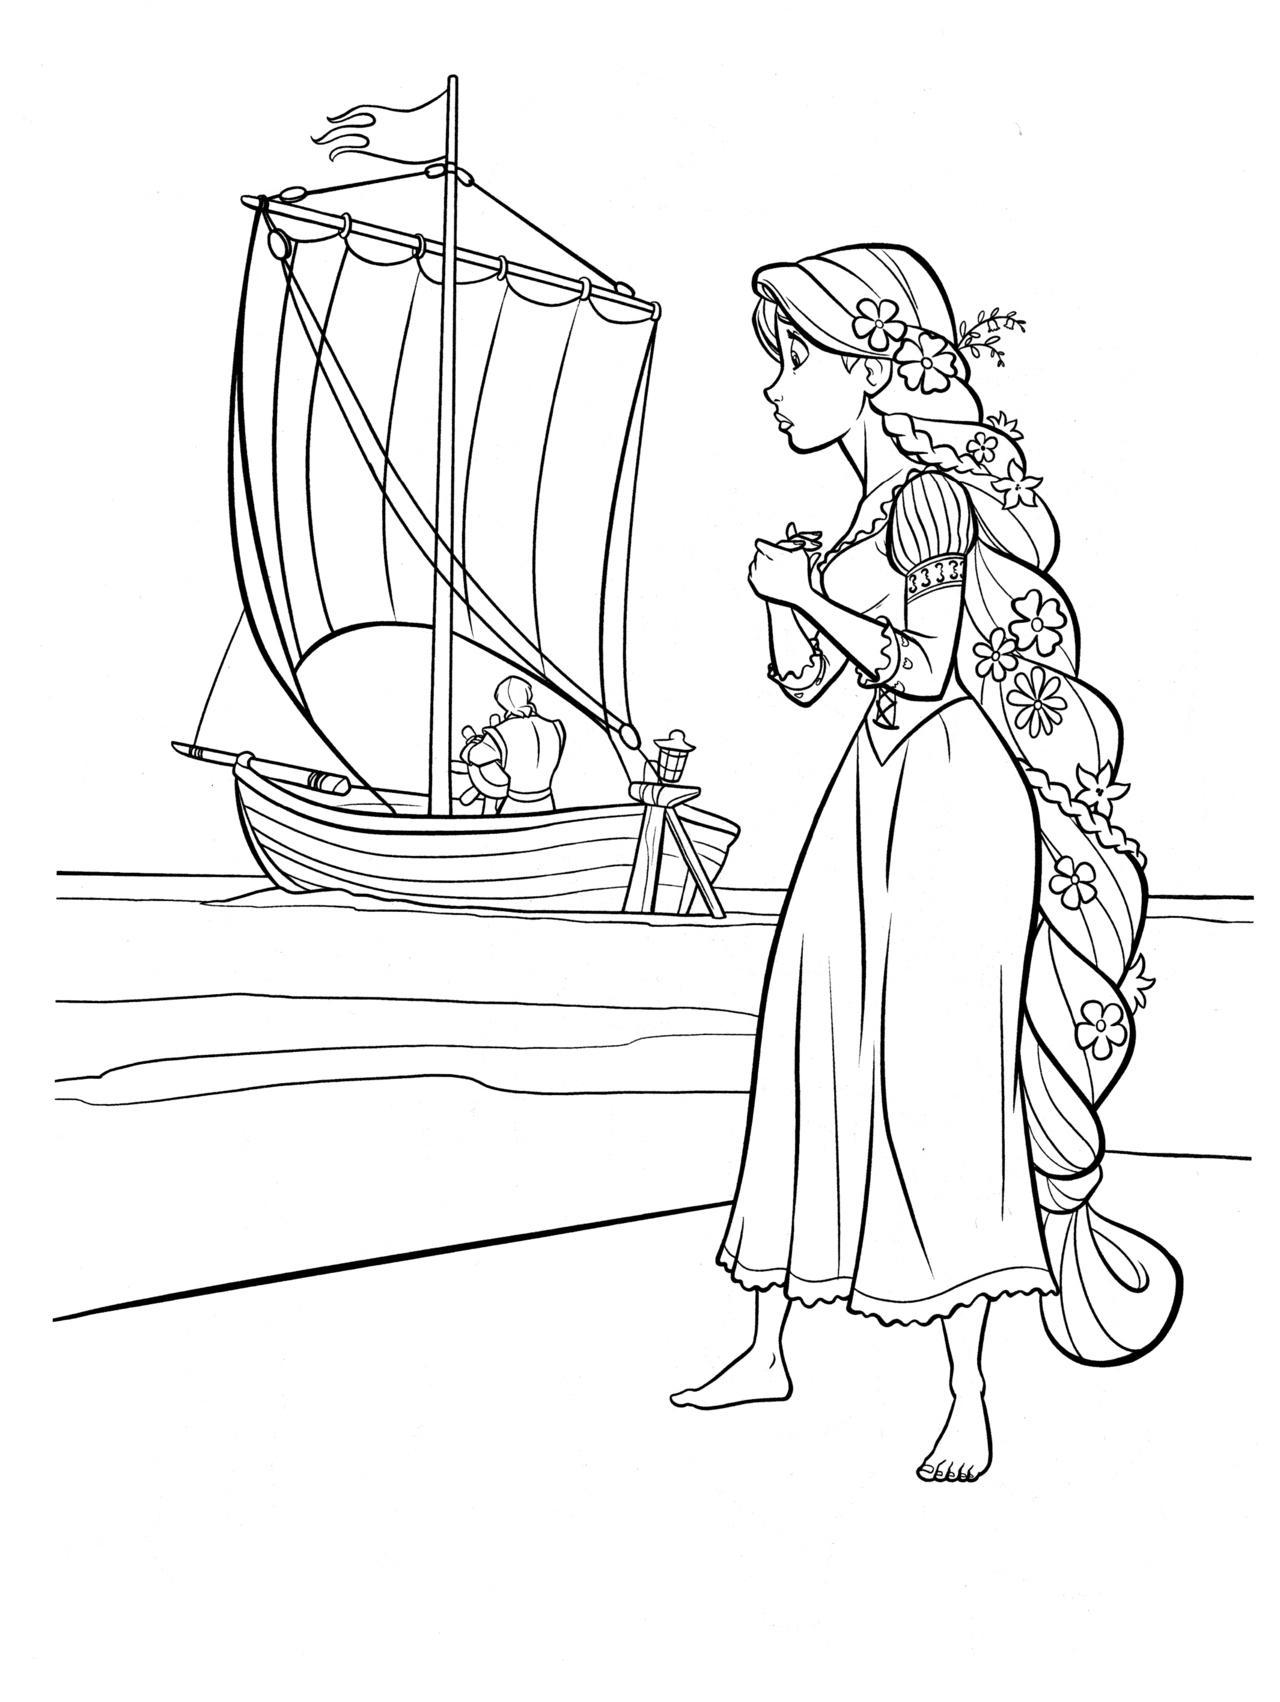 раскраски принцессы диснея распечатать бесплатно формат а4 рапунцель провожает лодку